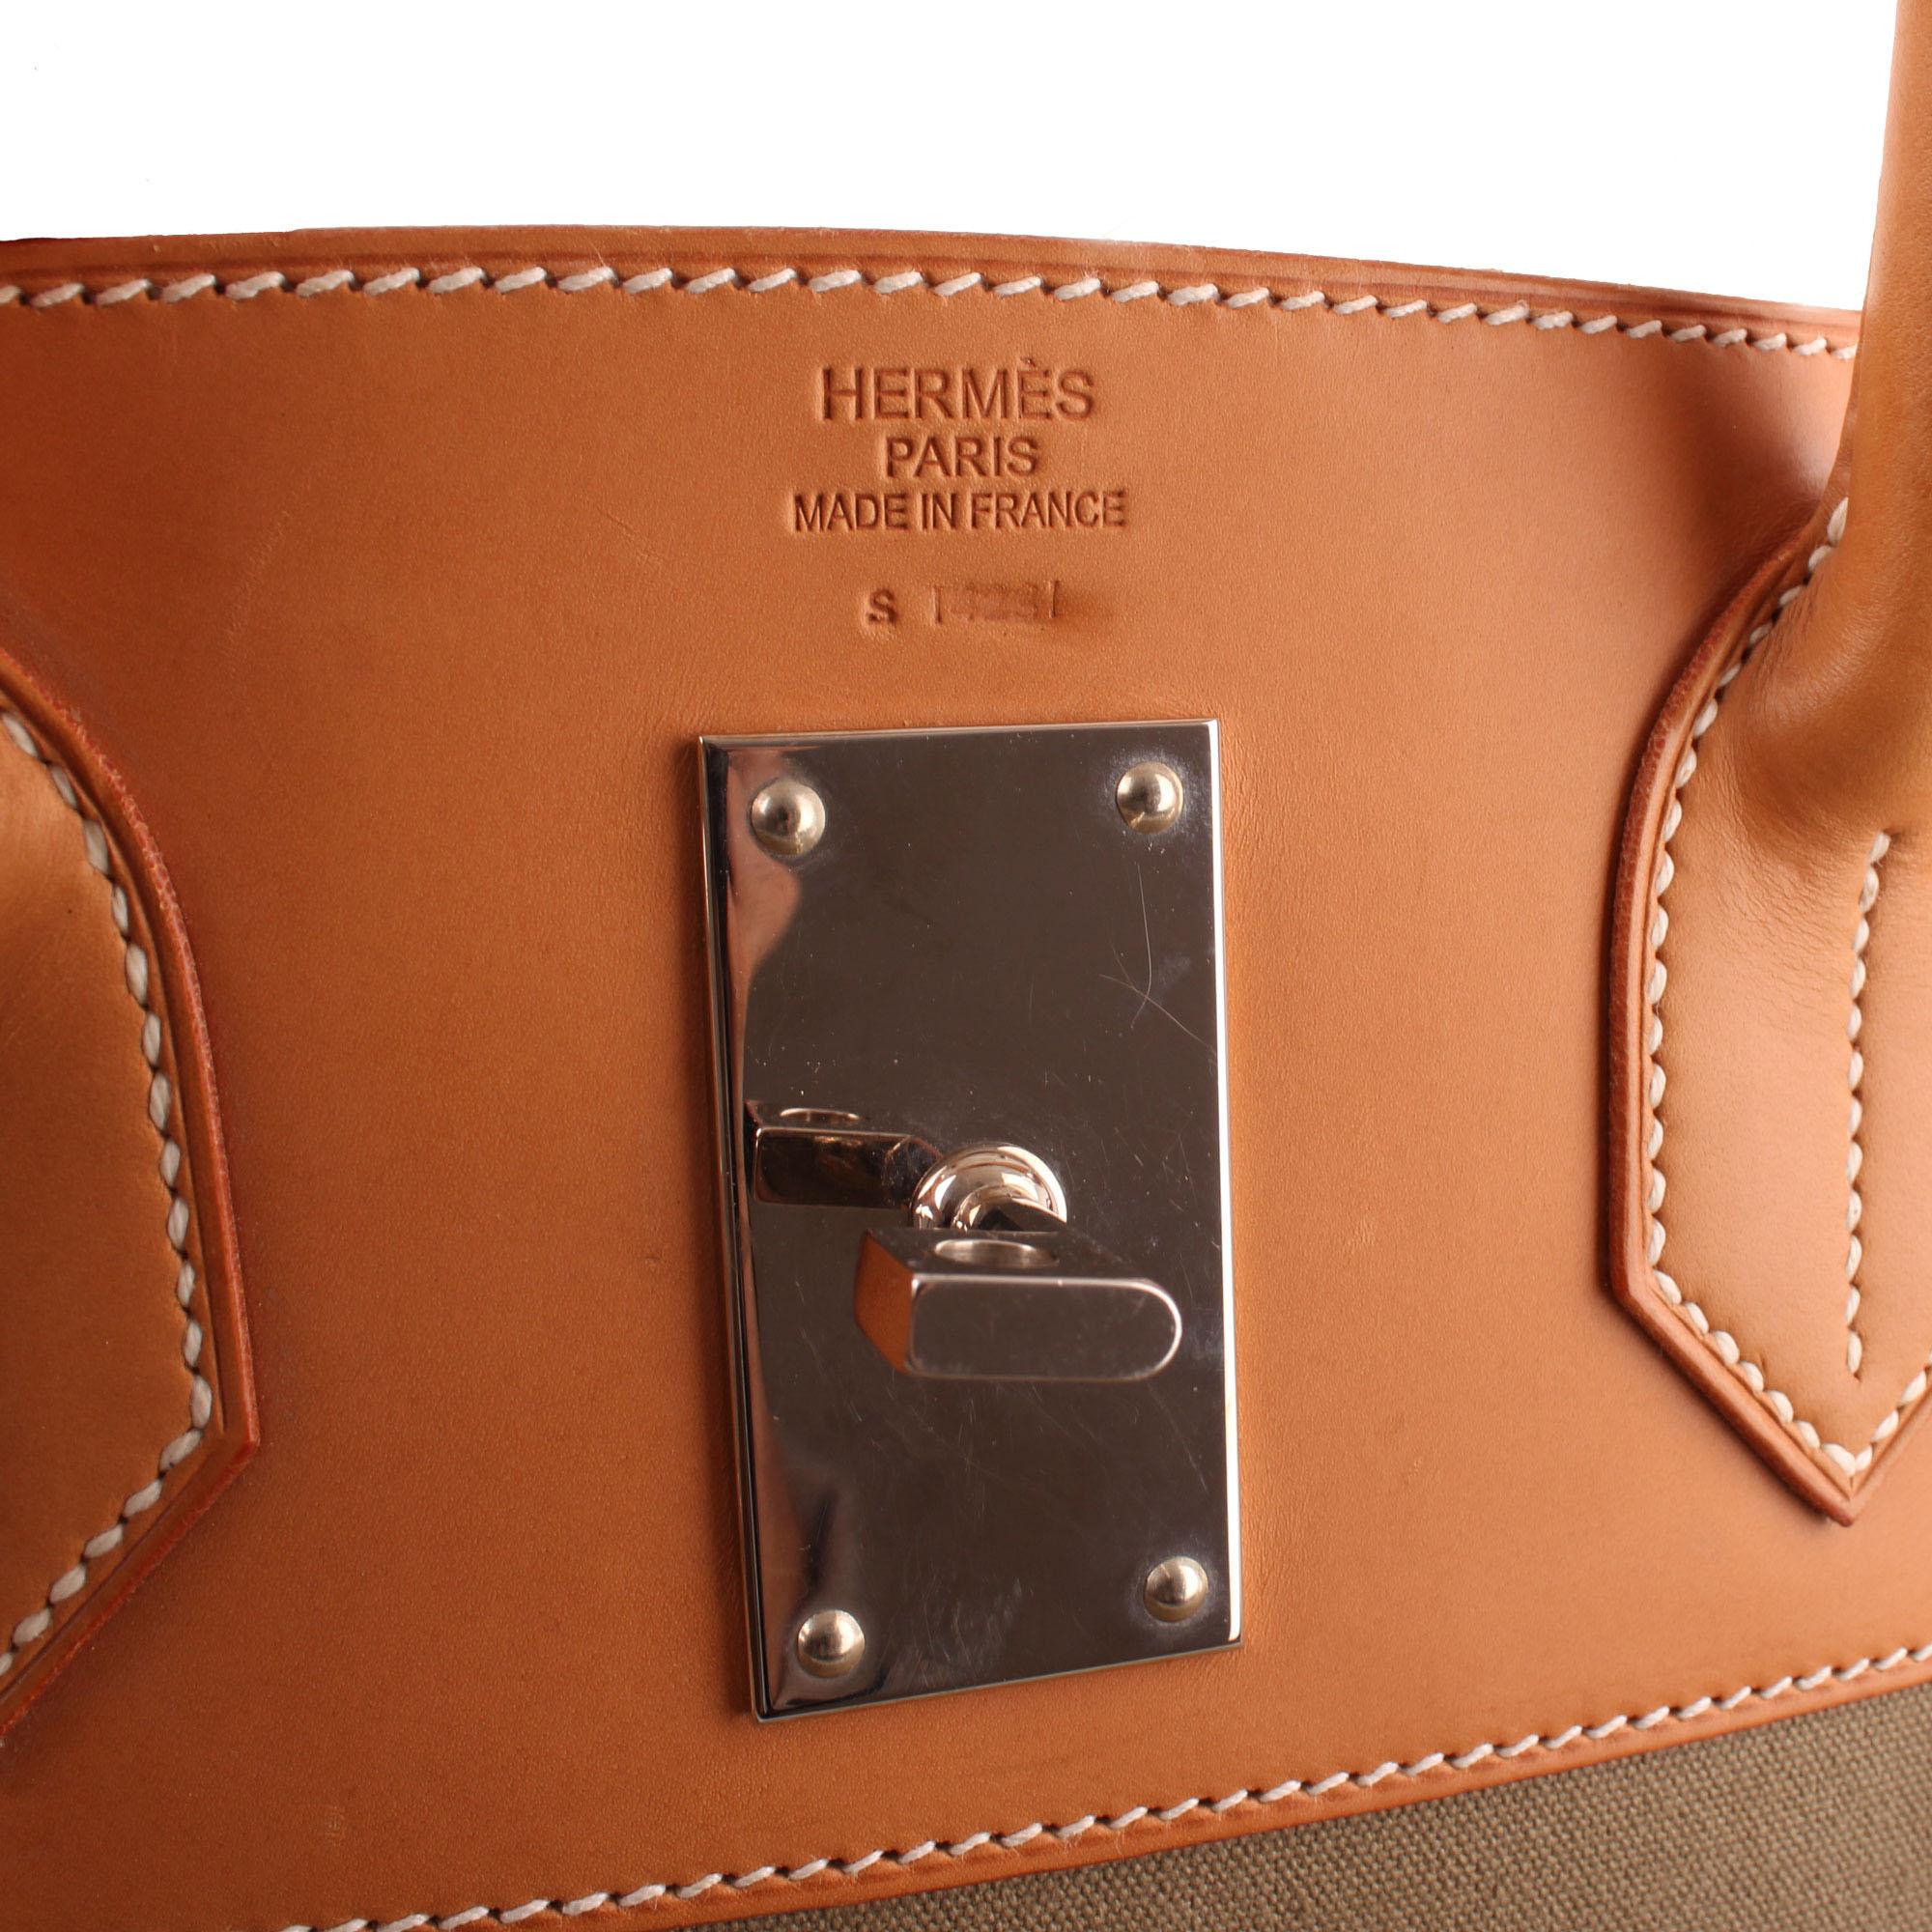 a46410eeec8 ... bolsa de viaje hermès haut à courroies lona militar verde. Imagen de la  marca de la